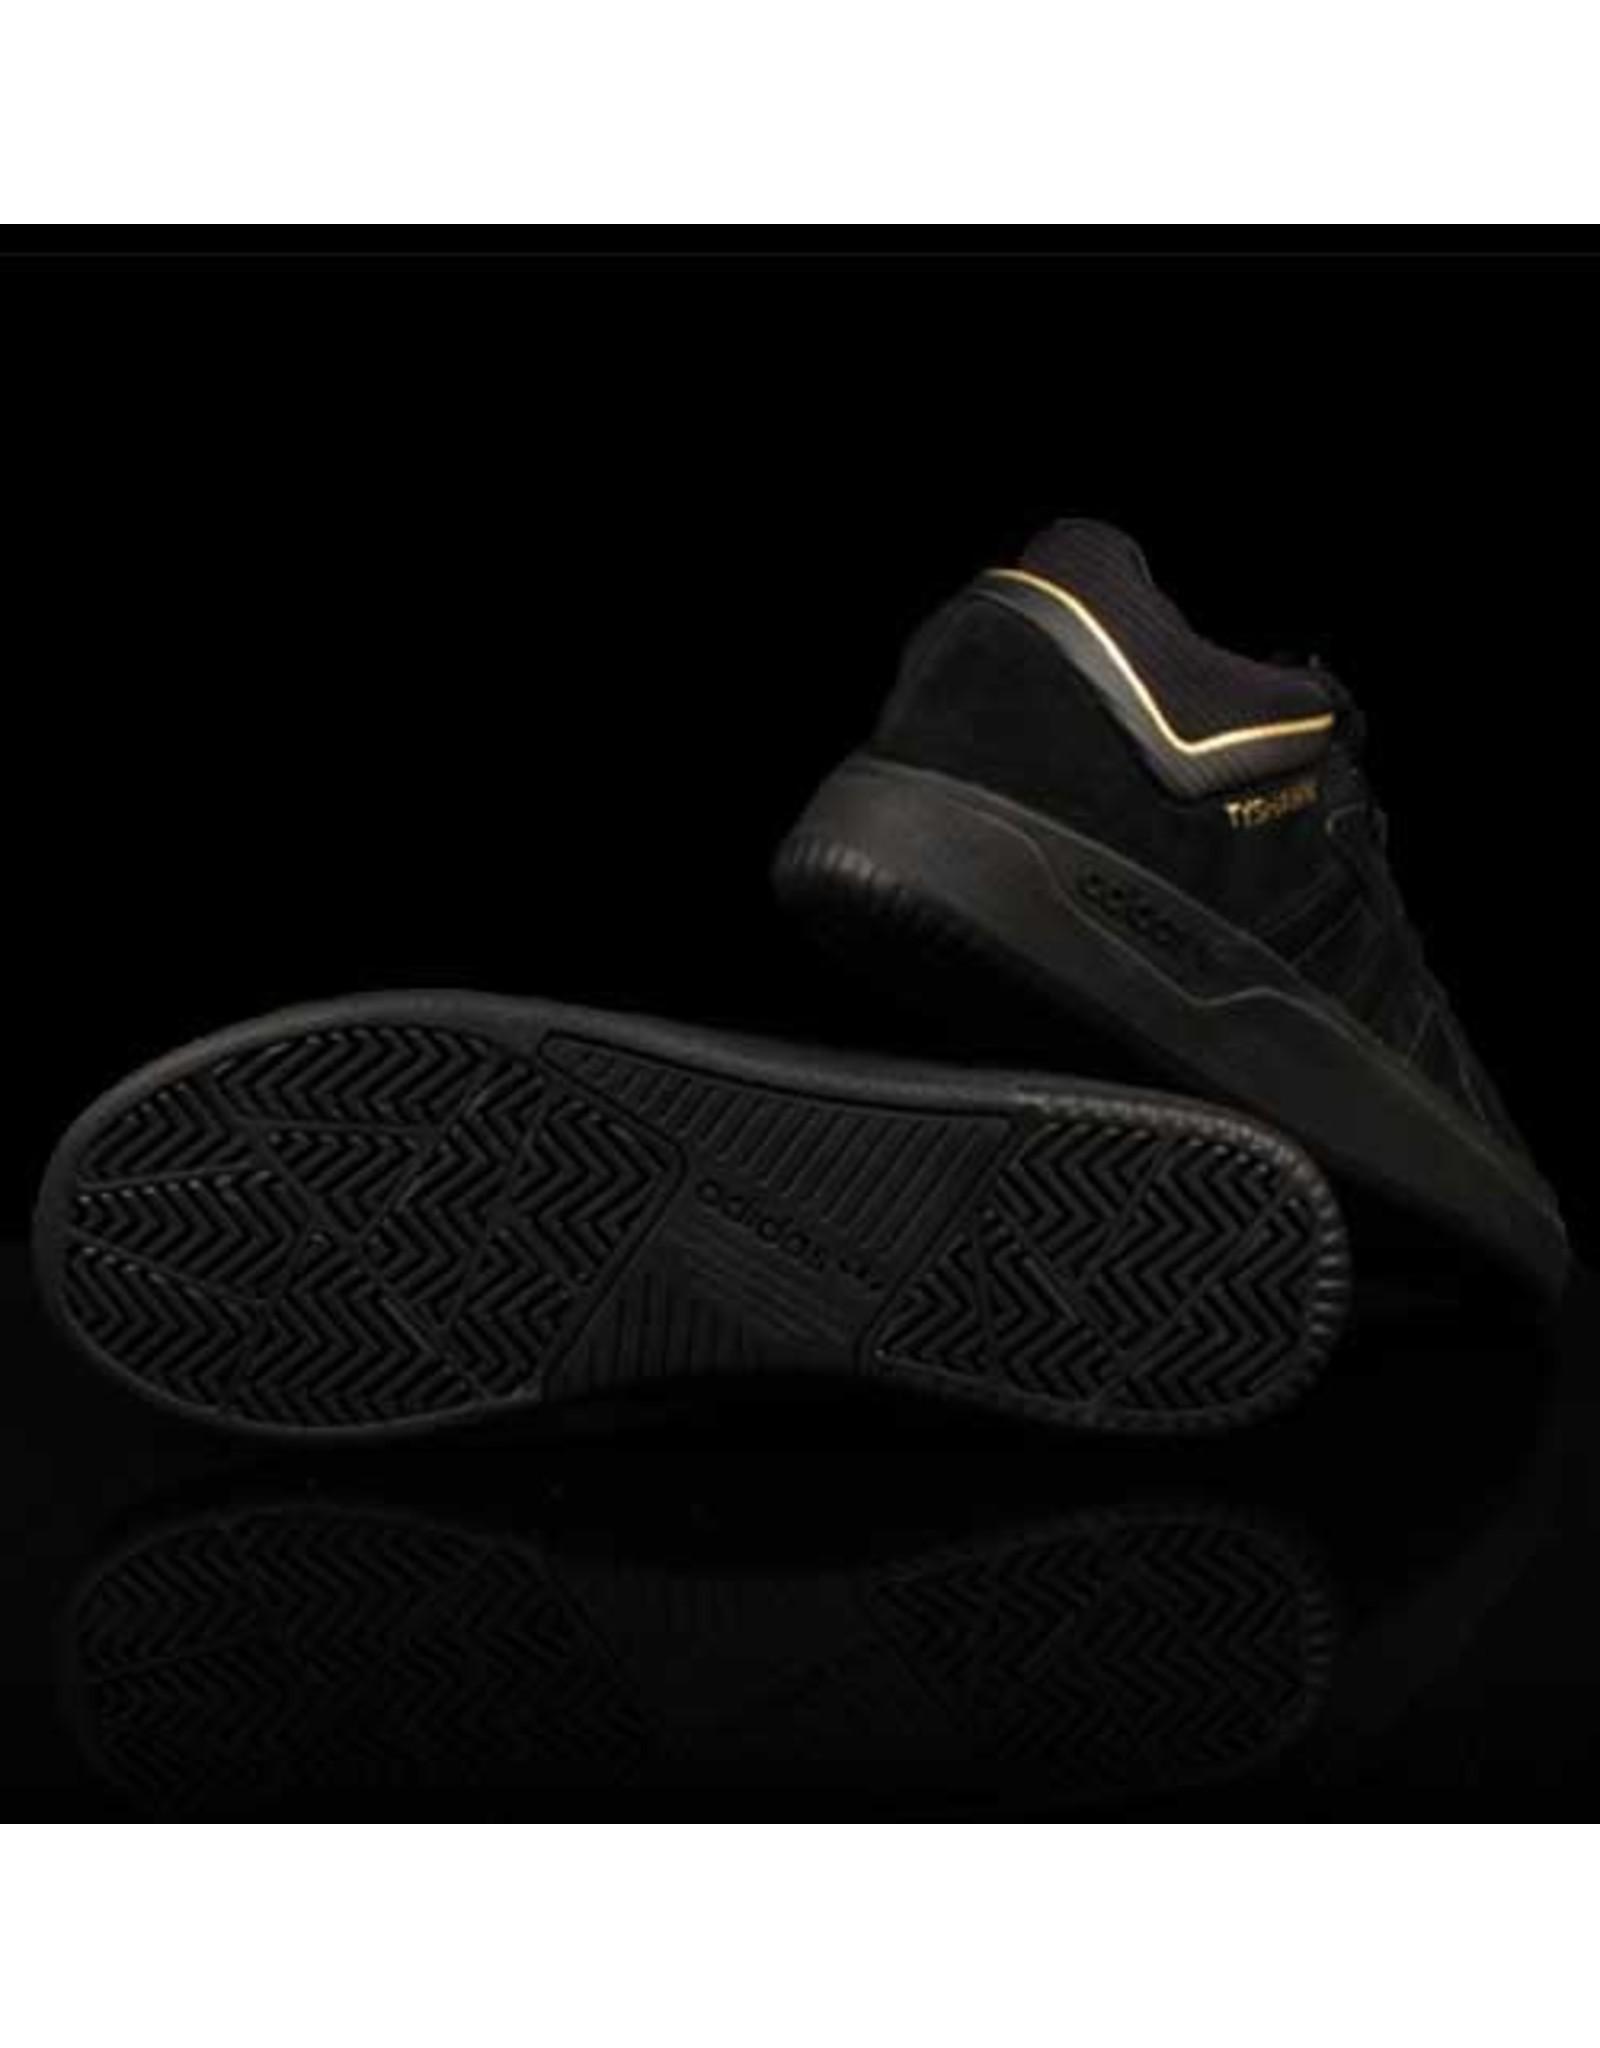 ADIDAS Adidas Tyshawn Black Black Gold